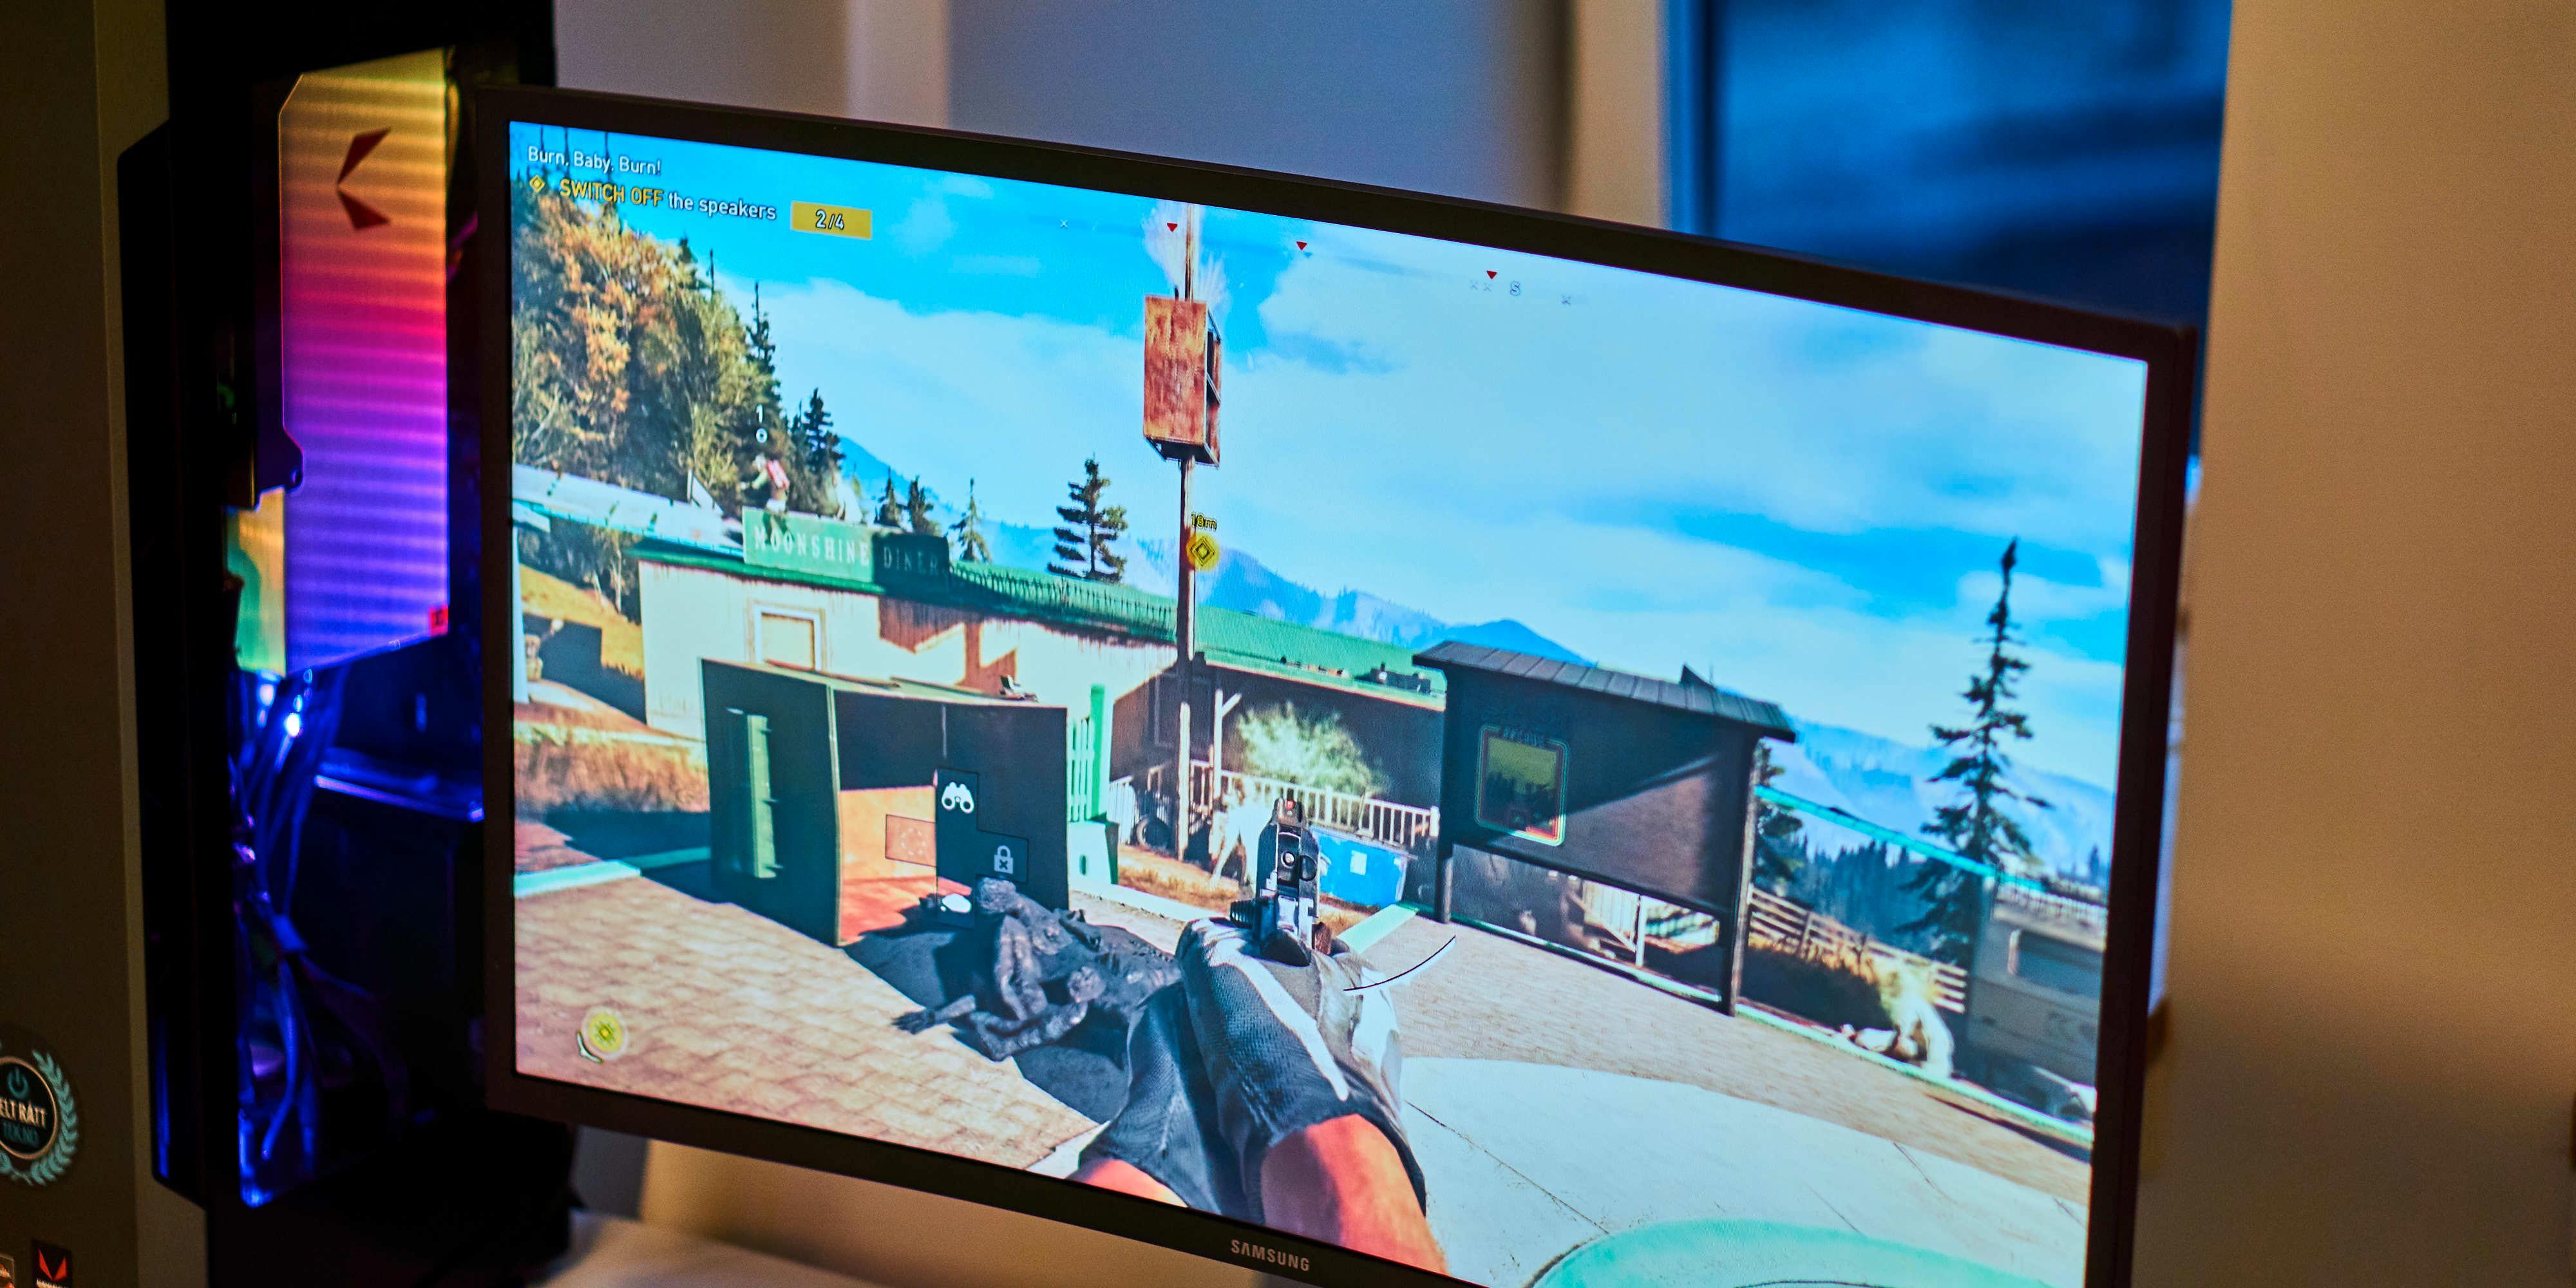 HDR-spill, som Far Cry 5, får virkelig utnyttet HDR600-funksjonaliteten og lysstyrken. Merk: illustrasjonsbilde fra YouTube, ikke ekte HDR.